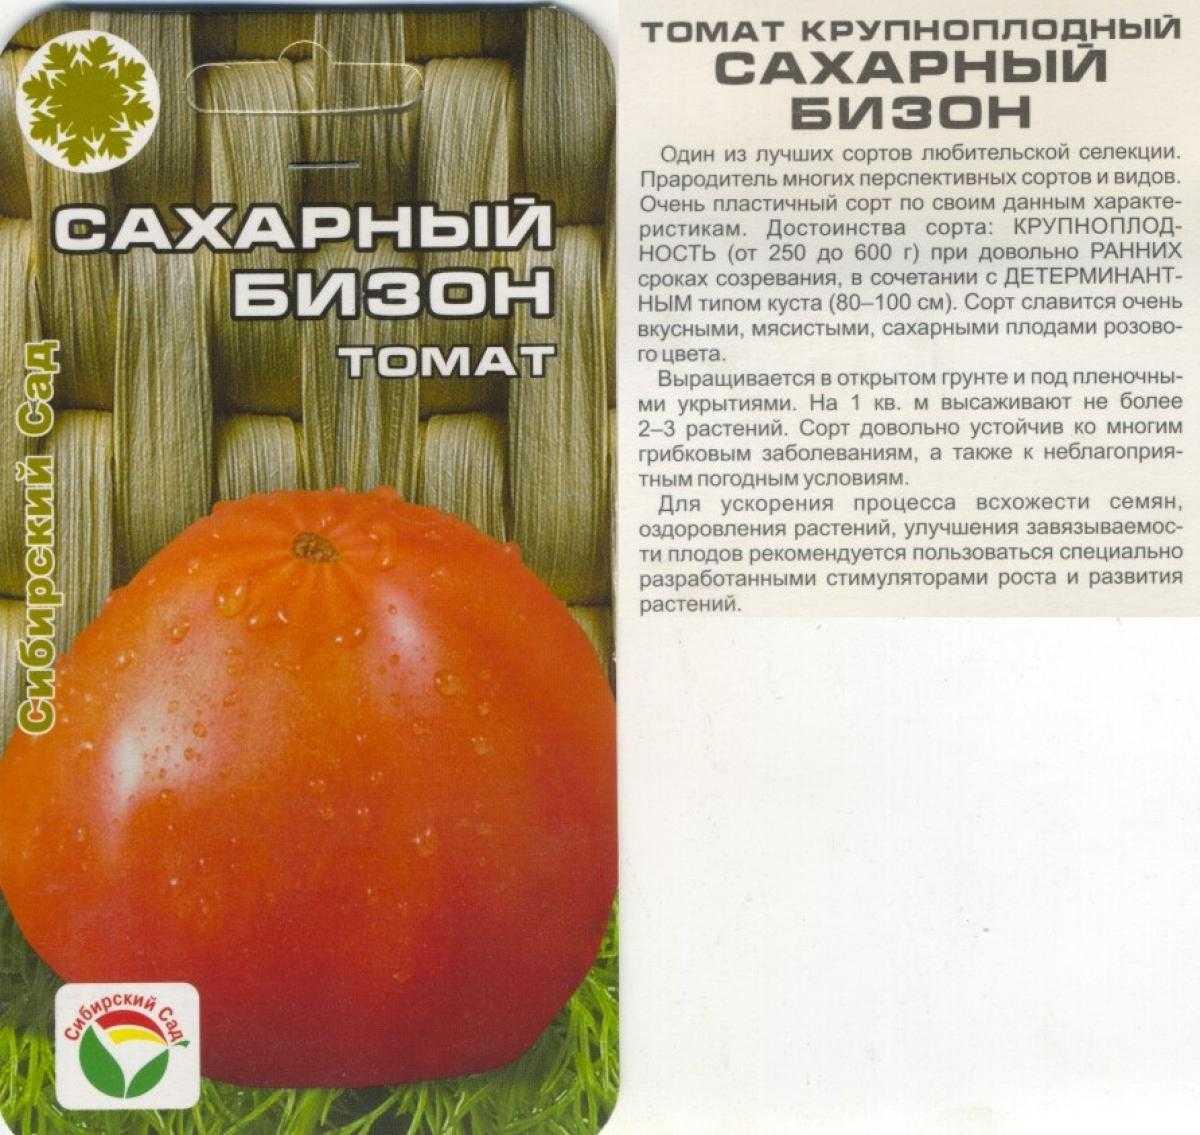 современная томаты сахарный бизон отзывы с фото даже такие